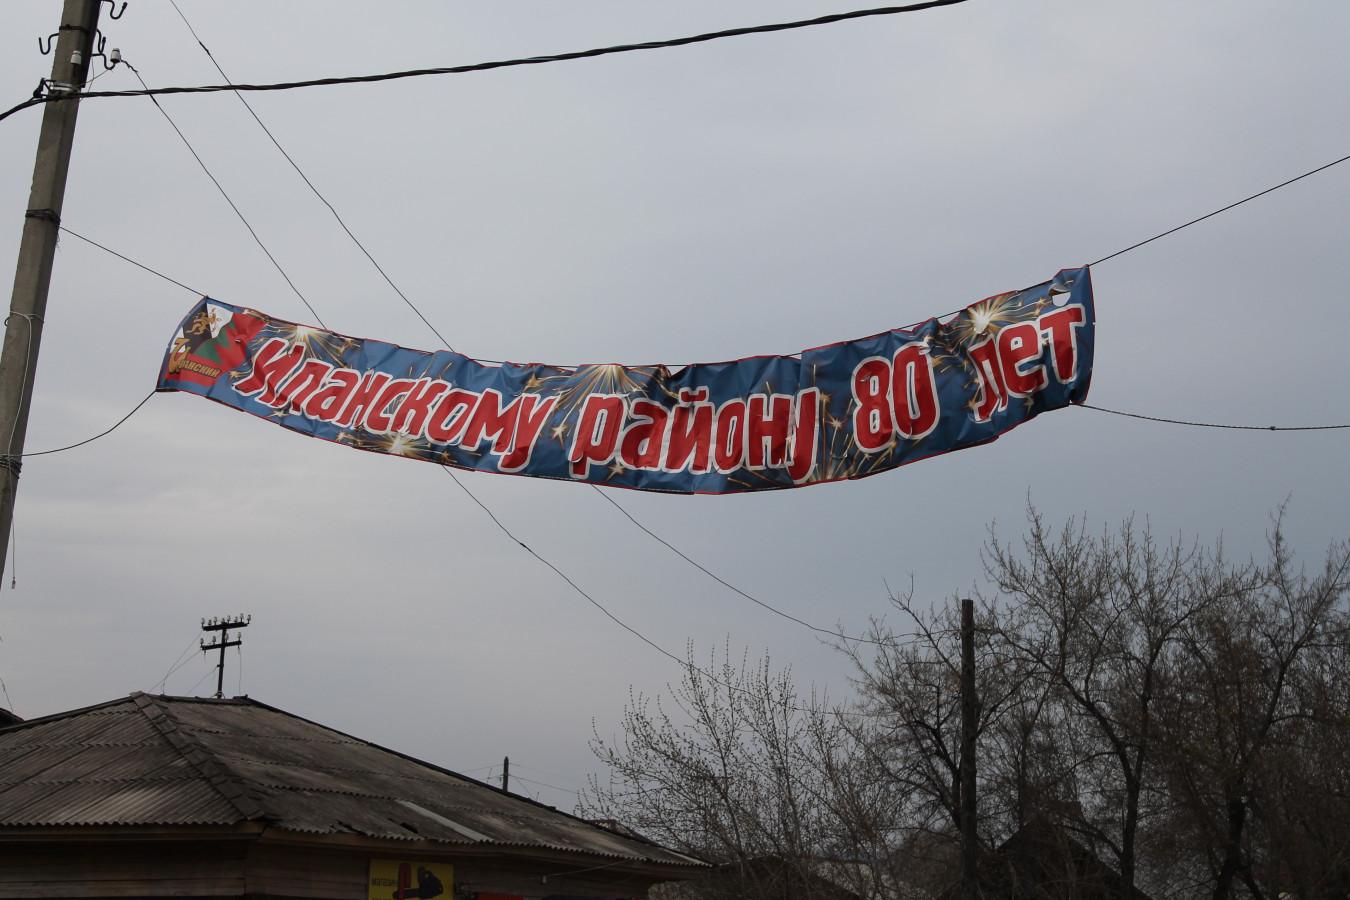 Баннер: Иланскому району 80 лет